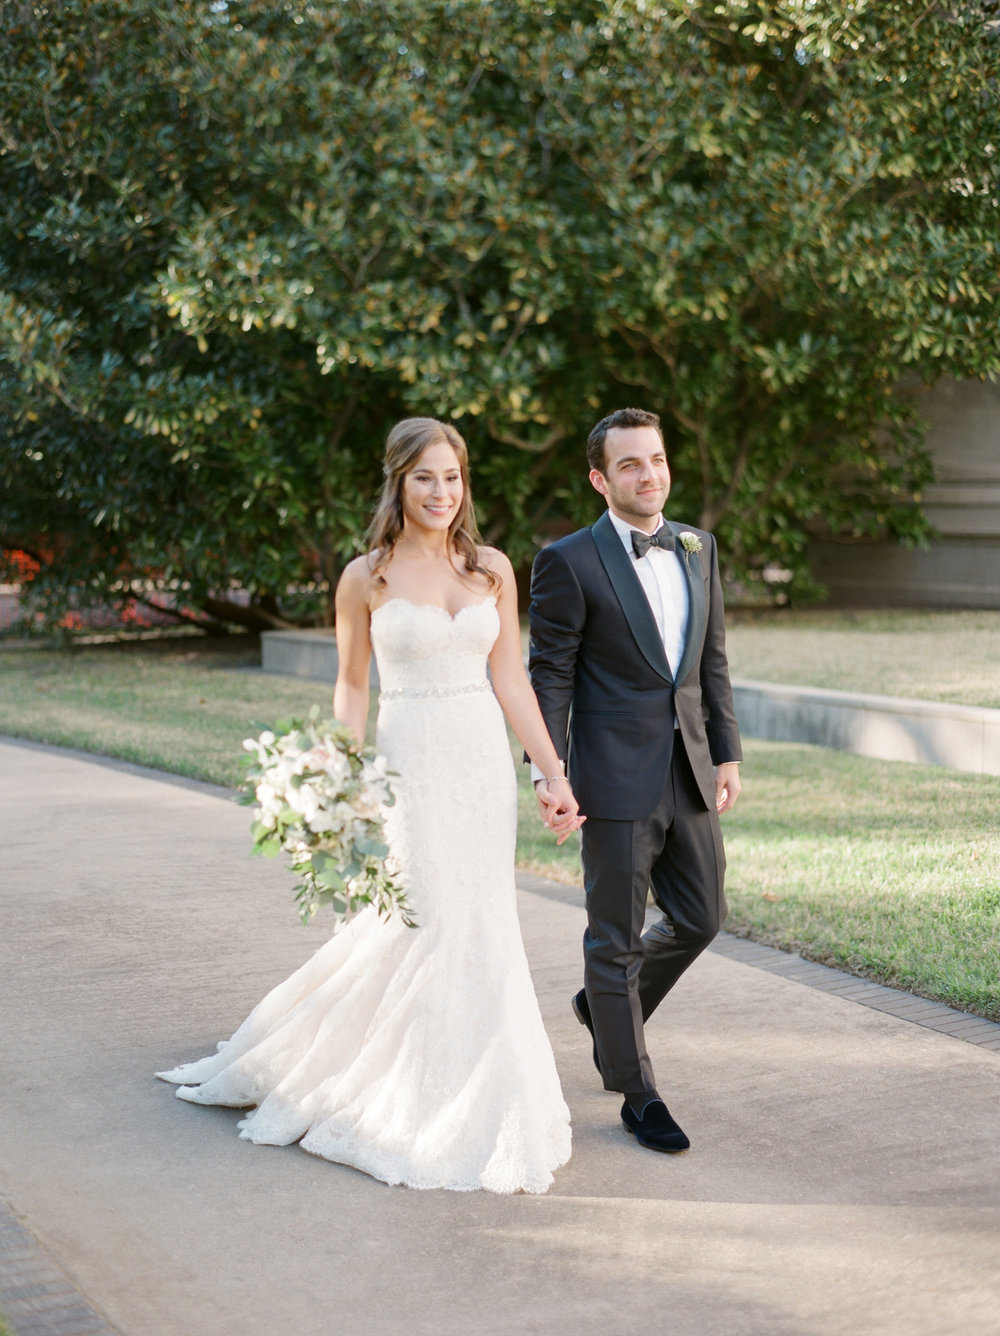 0023__Hotel_Zaza_Houston_Wedding_Photography_Hoffer.jpg